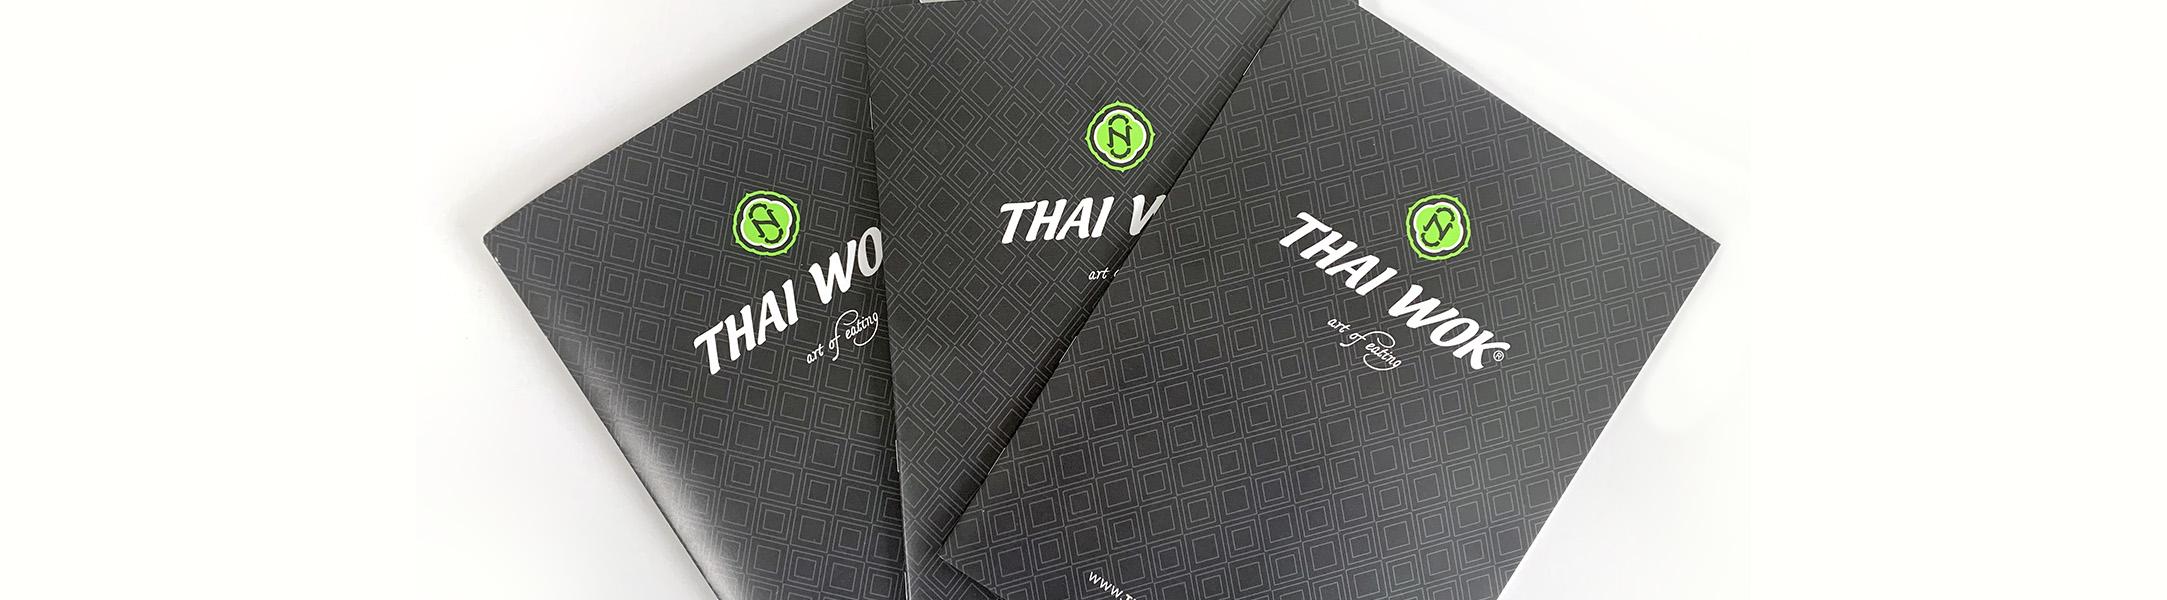 Thai Wok Speisekarte